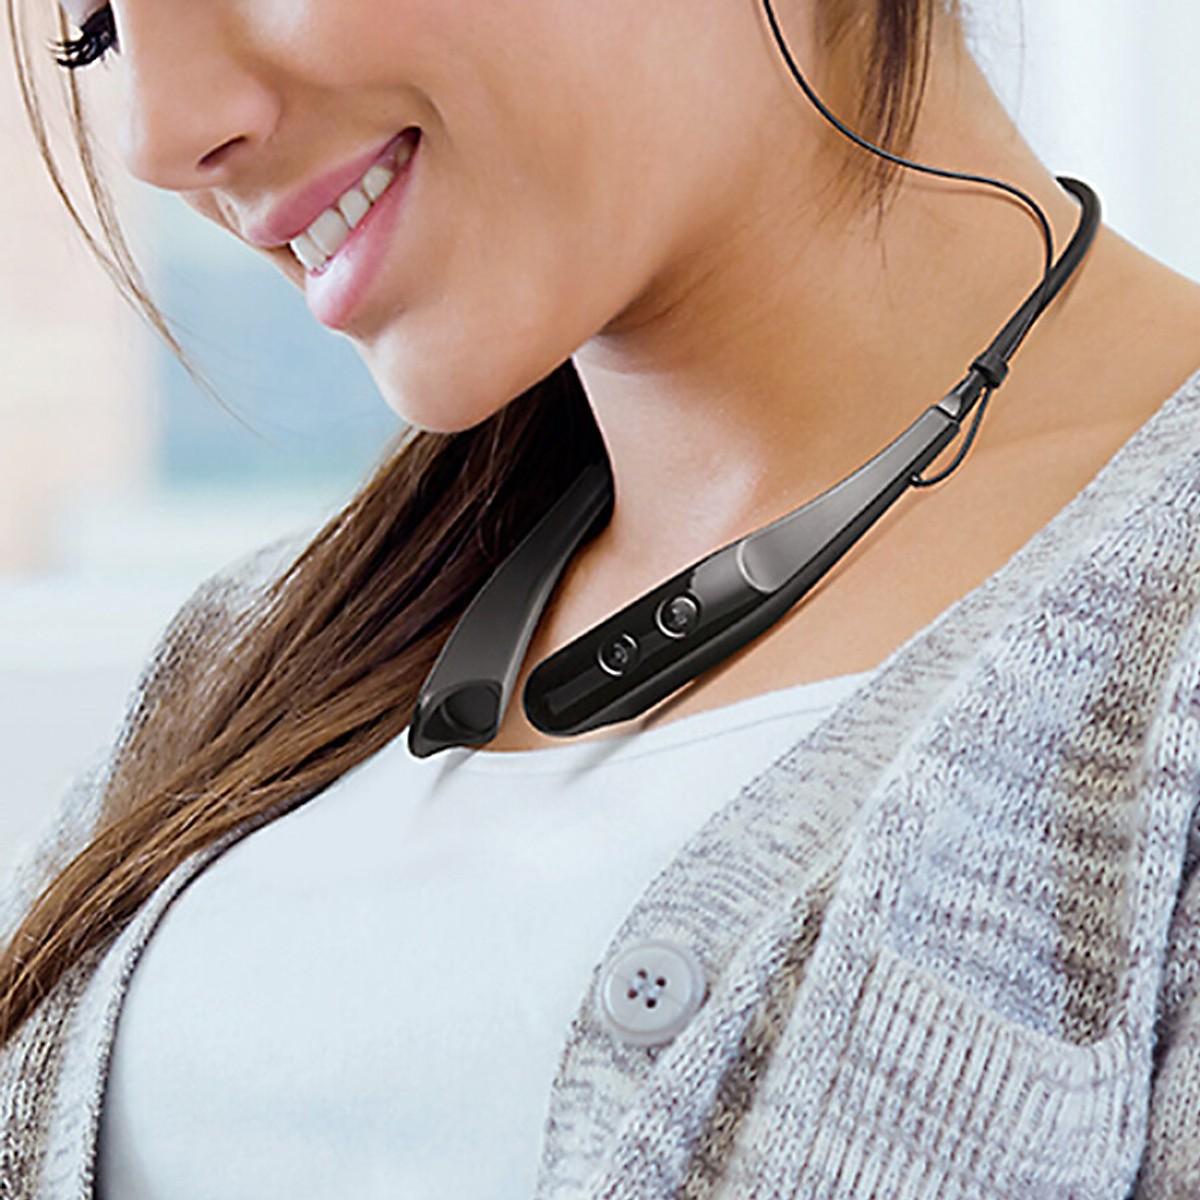 Tai nghe Bluetooth LG HBS-510 - Hàng Chính Hãng